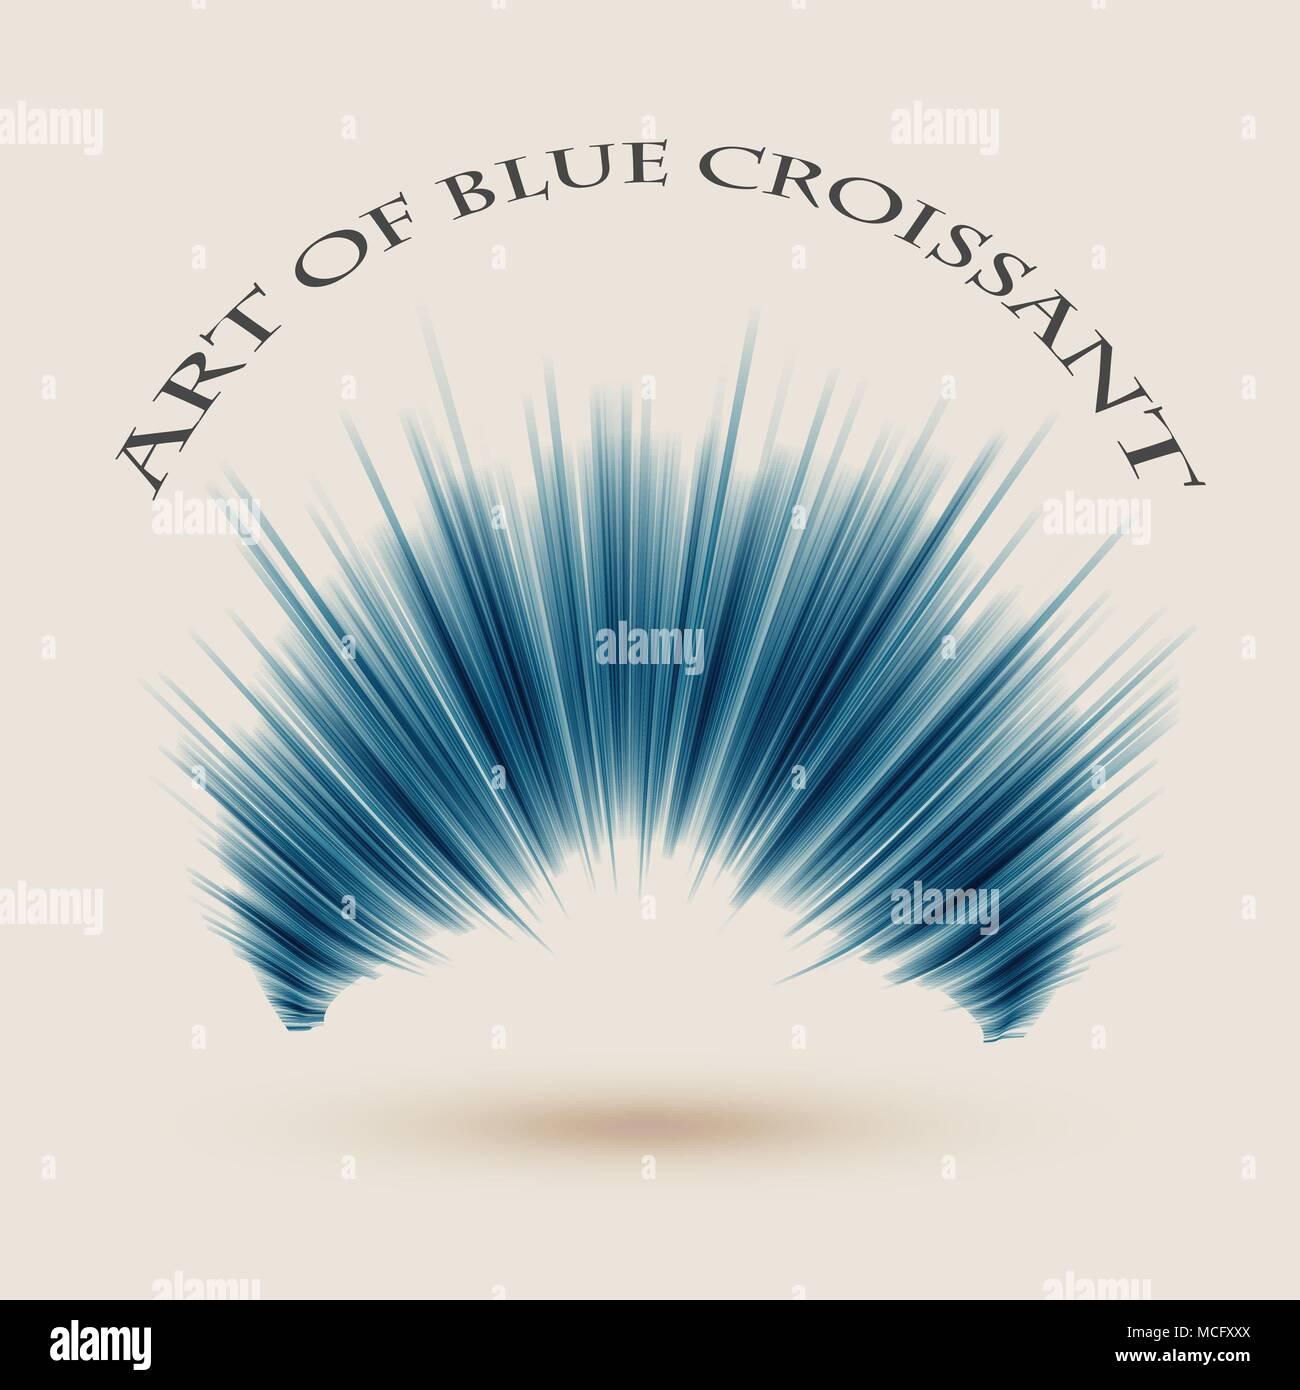 Art de fond bleu croissant. Eps10 vector Illustration Illustration de Vecteur